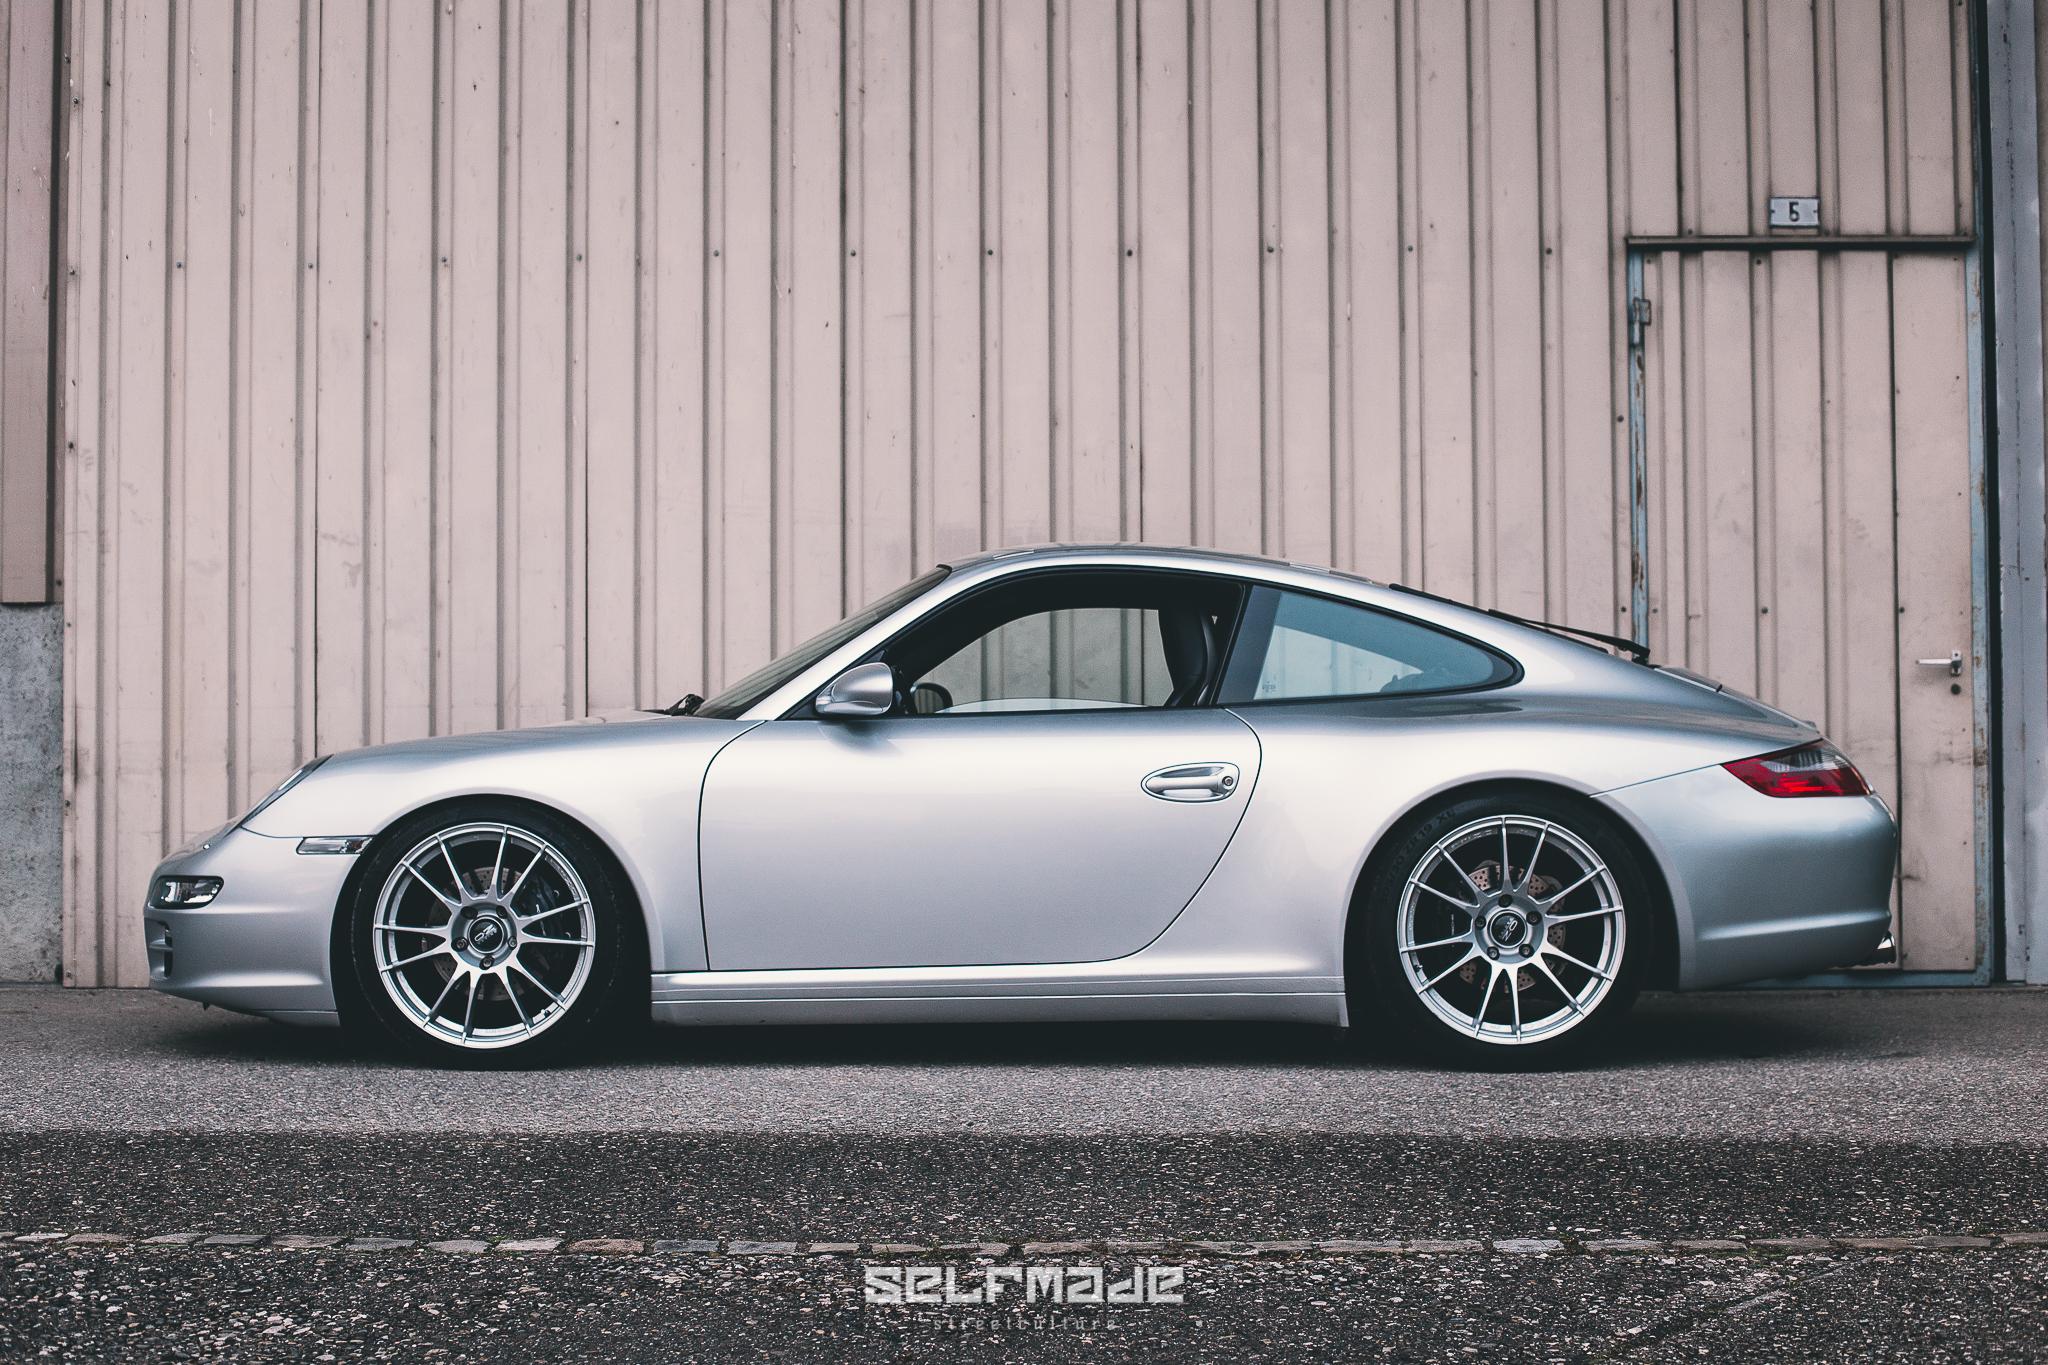 Porsche911_Selfmade (3).jpg